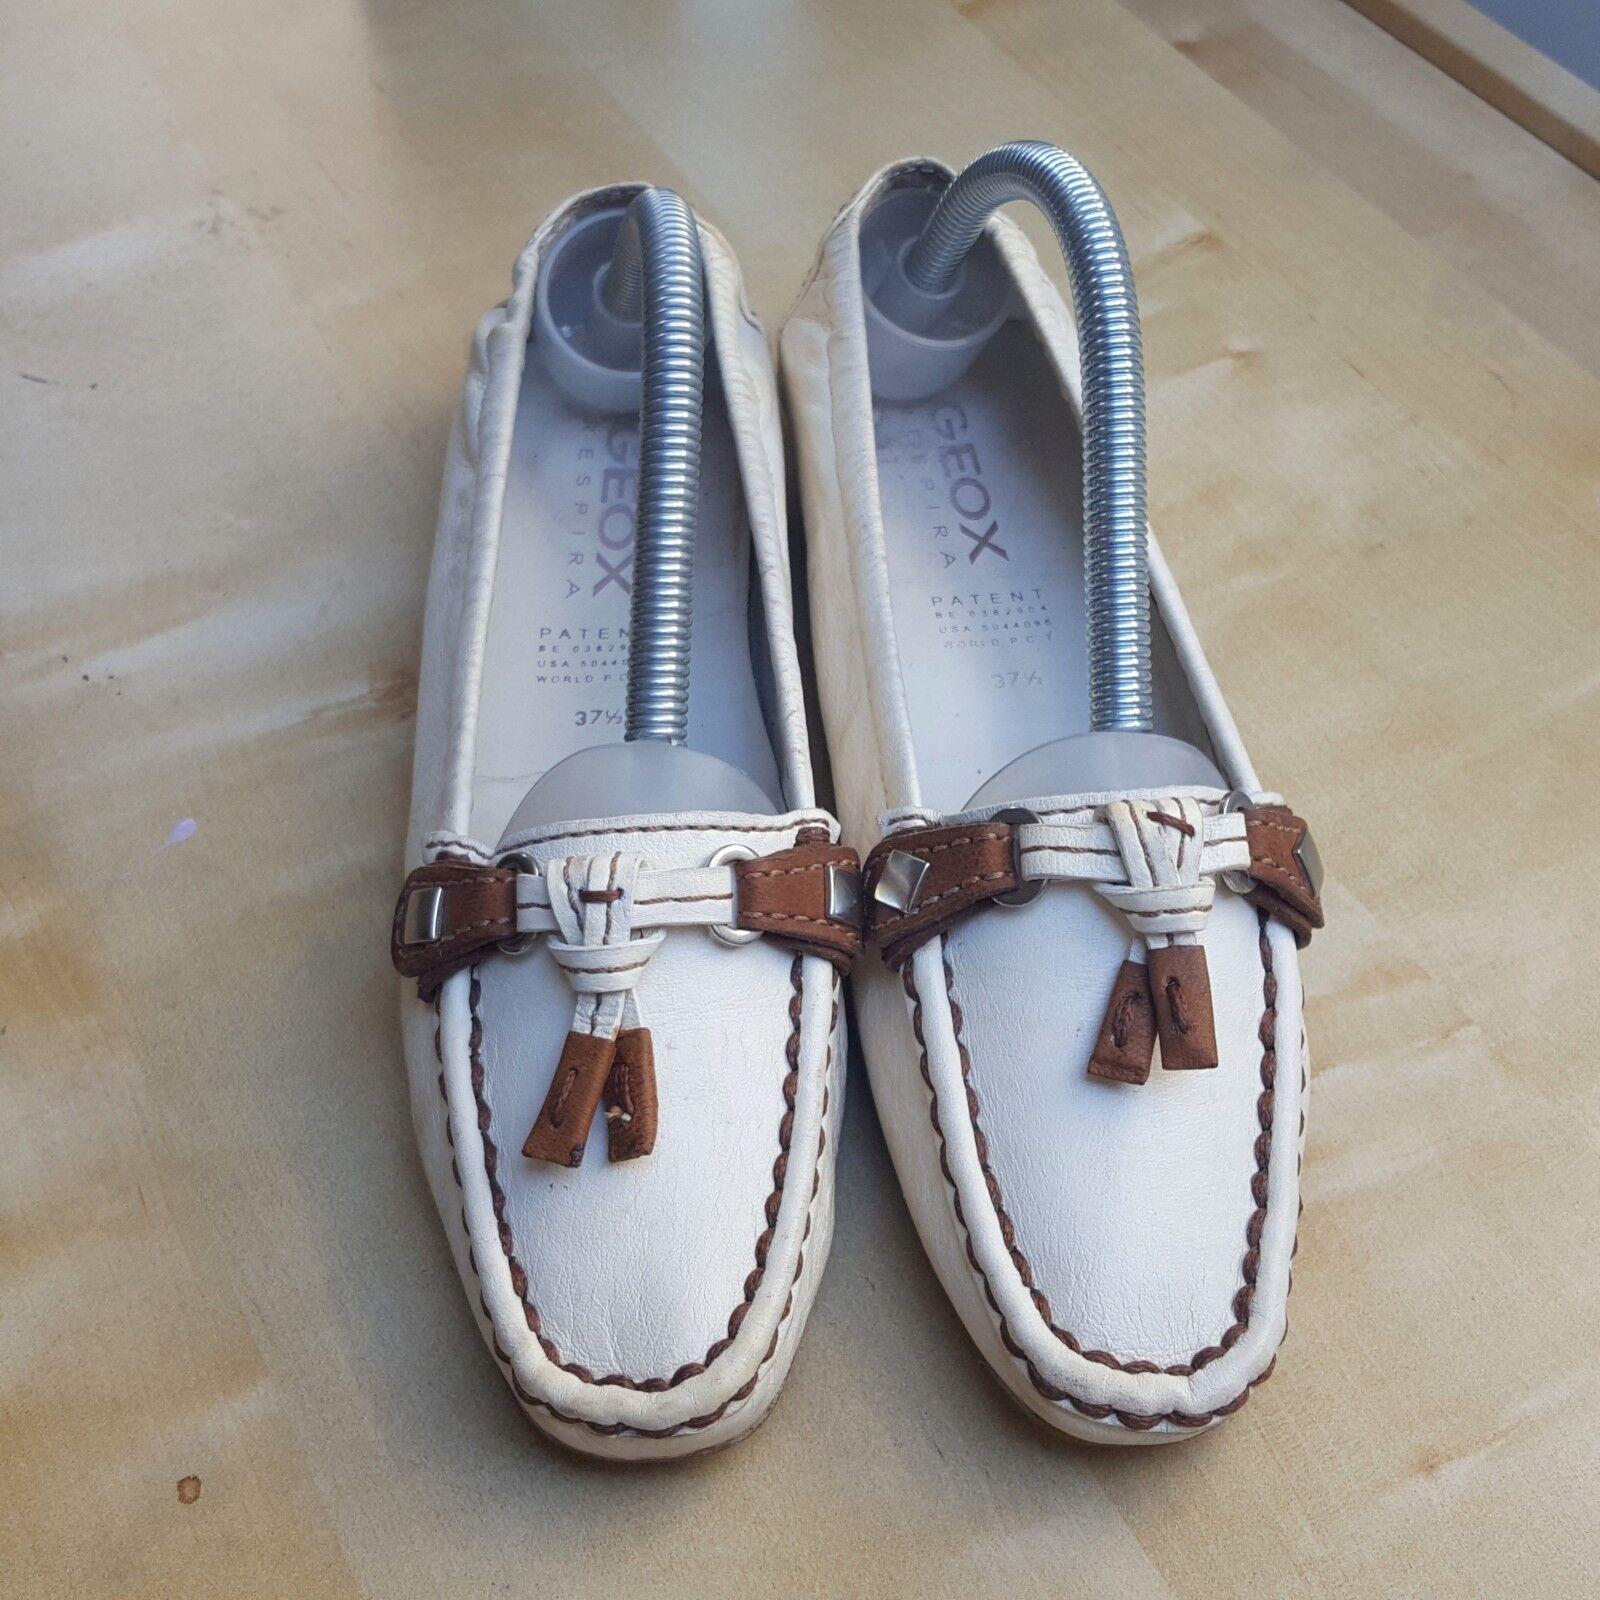 Geox de cuero genuino genuino genuino Para Damas Zapatos Talla Uk 4.5. Color blancoo Con Detalle Marrón.  calidad auténtica